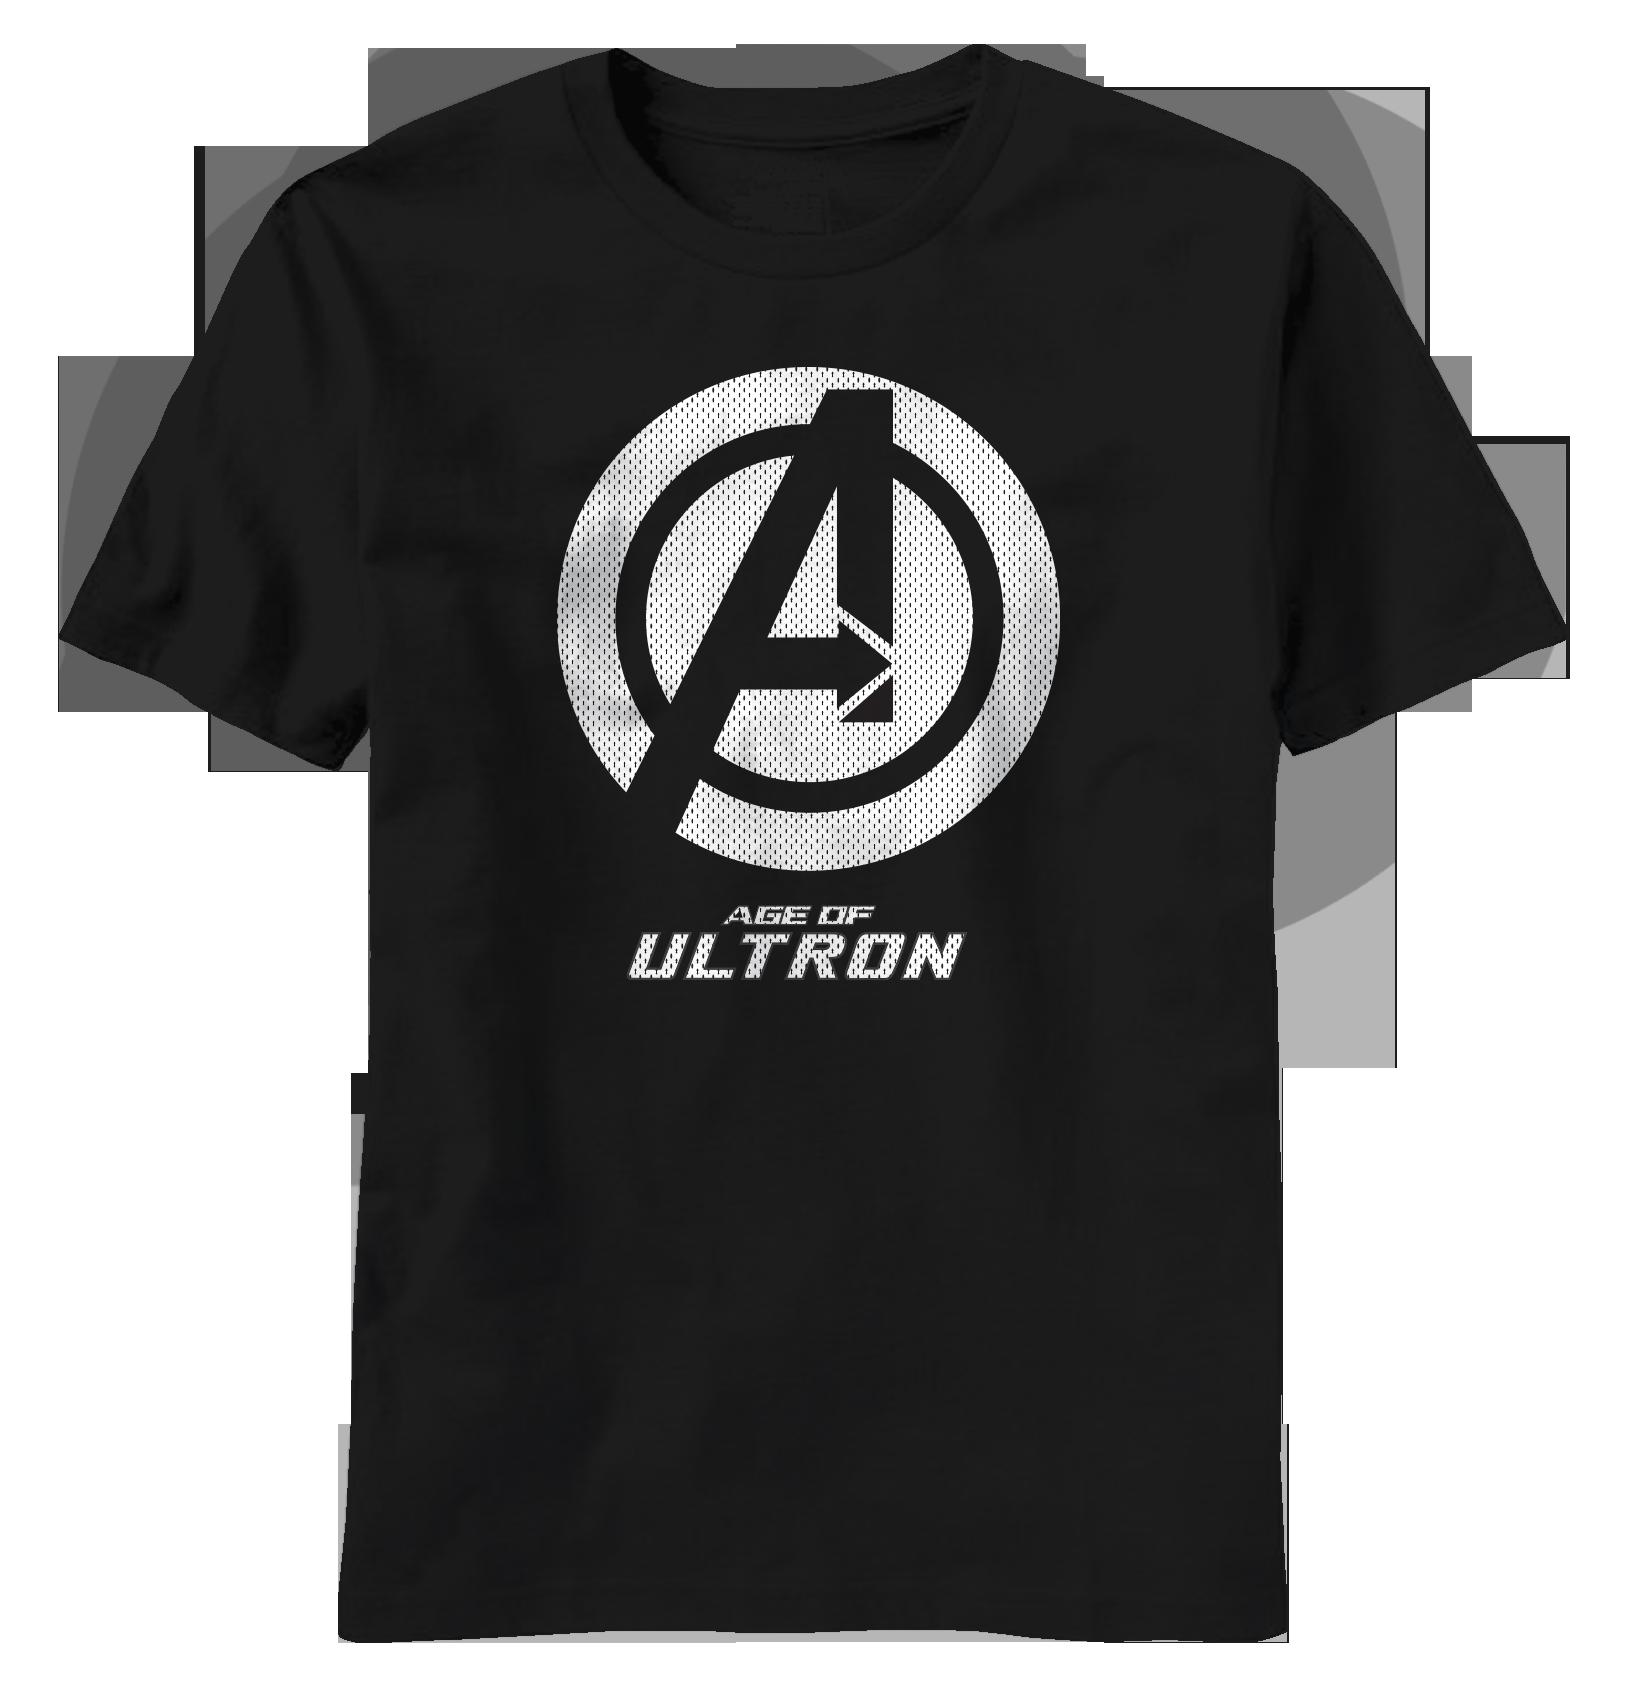 The Avengers: Varsity Avengers T-Shirt